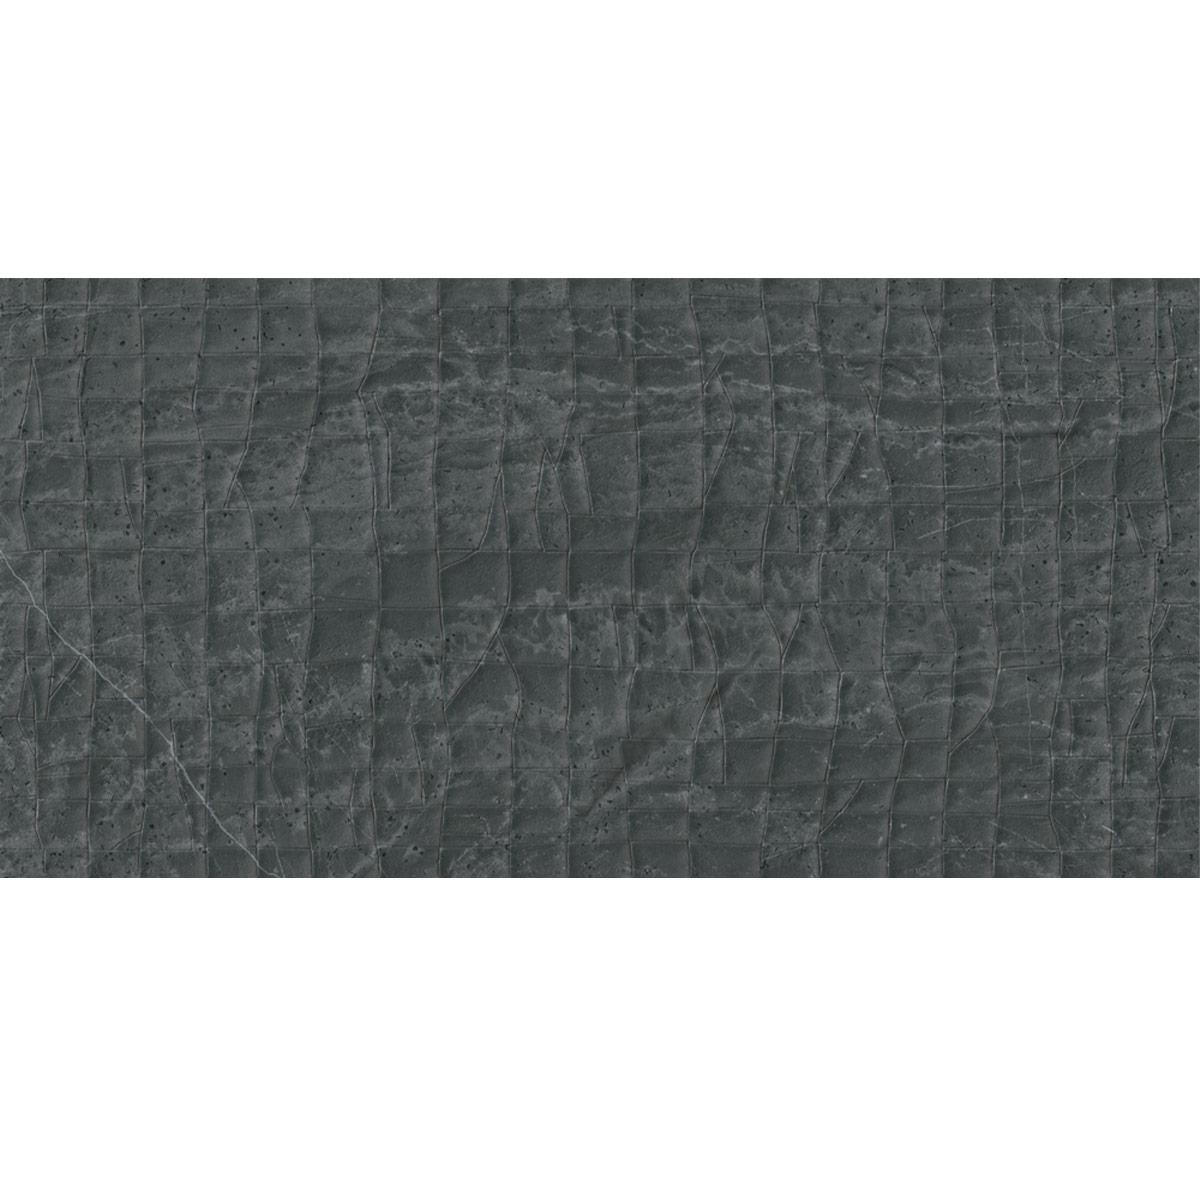 SLATESTONE BLACK TEXTURE1 D00193